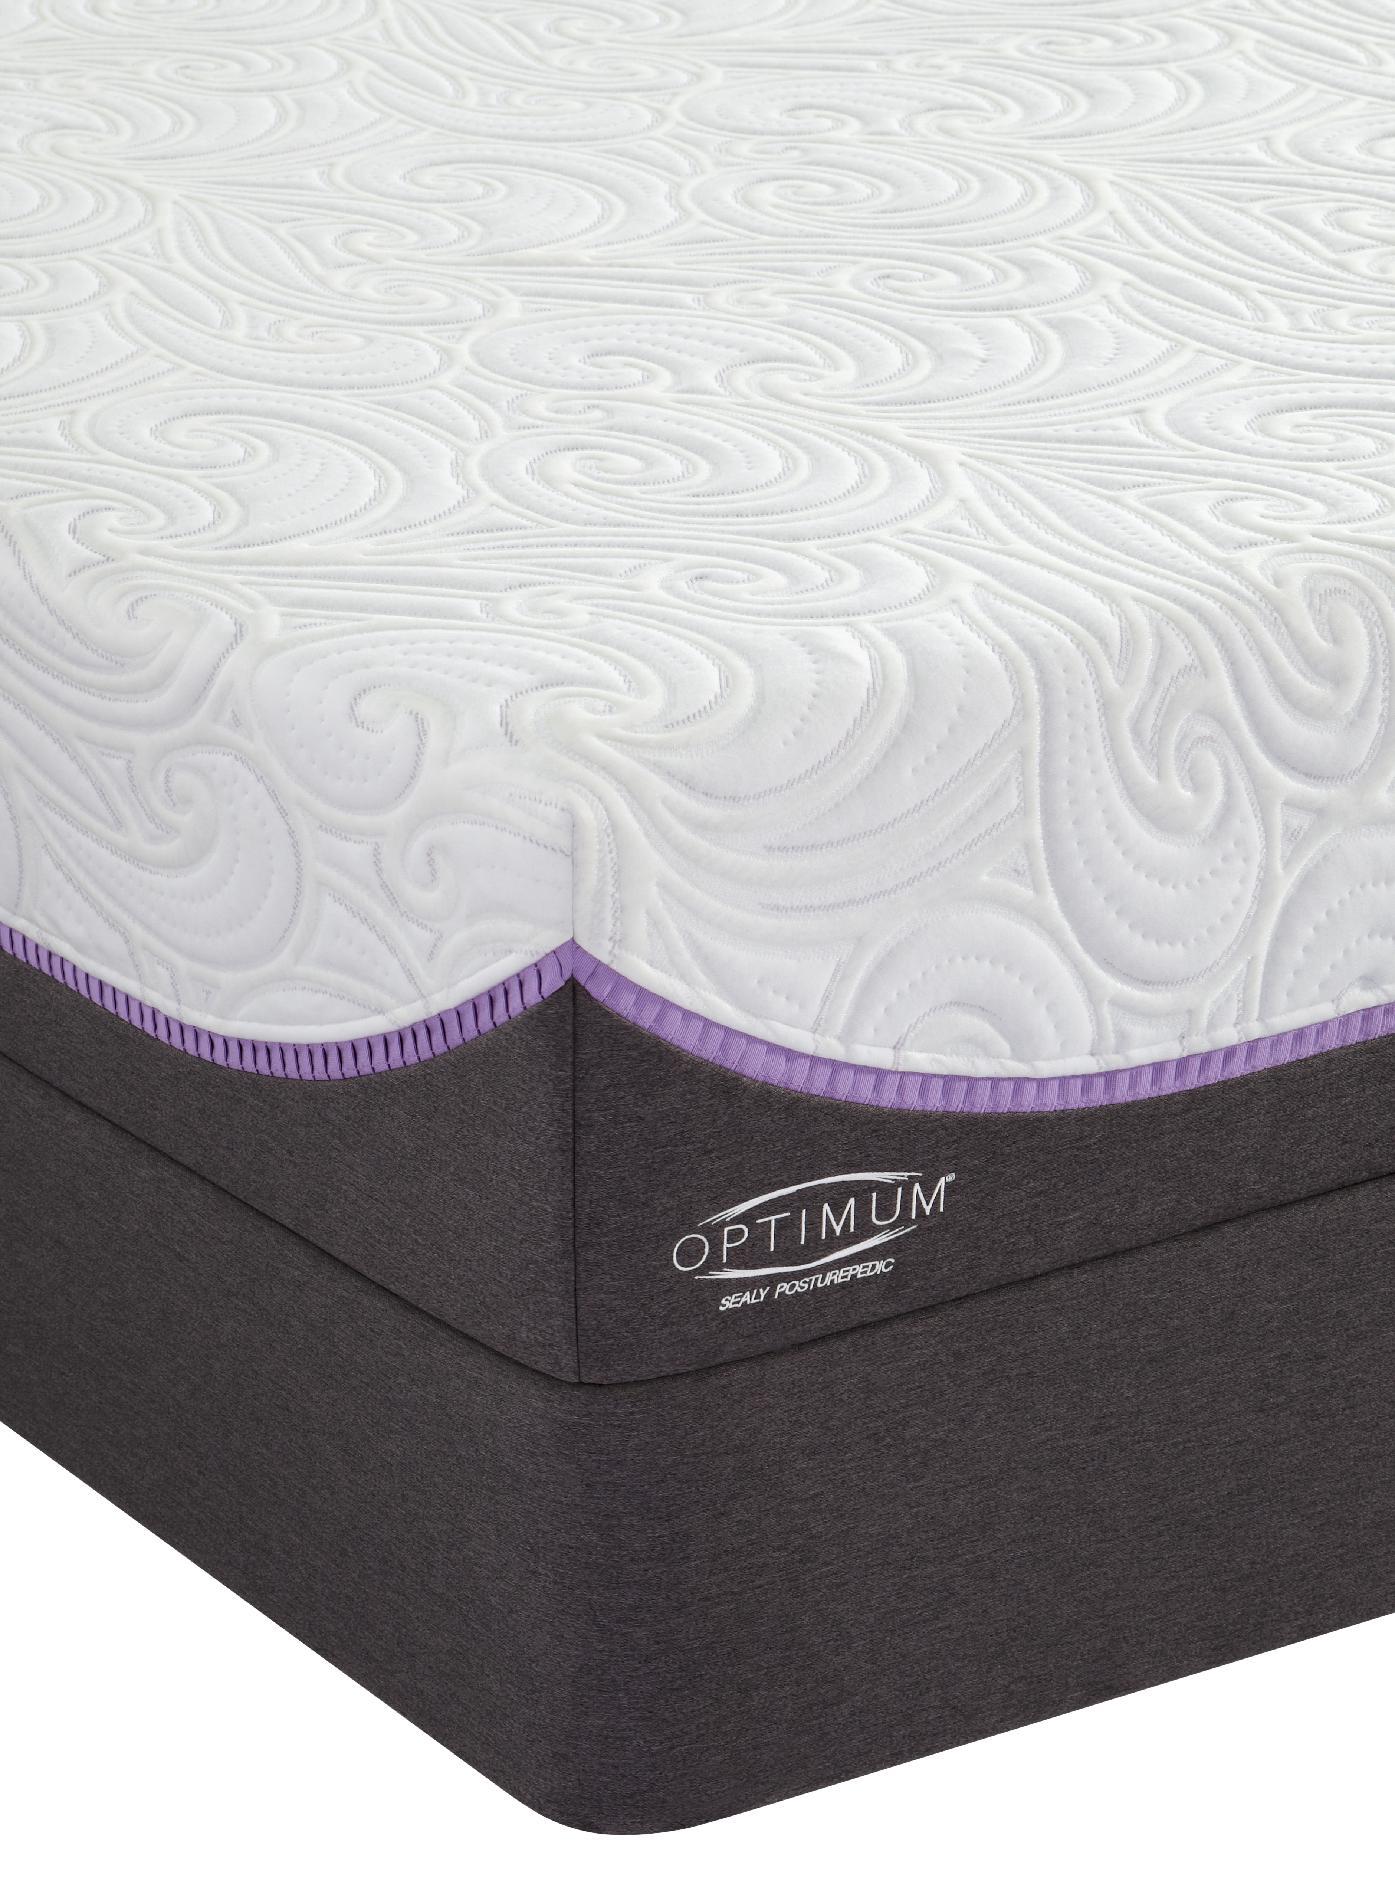 Sealy Optimum 2.0 Inspiration Gold, Plush, Twin XL Mattress Only